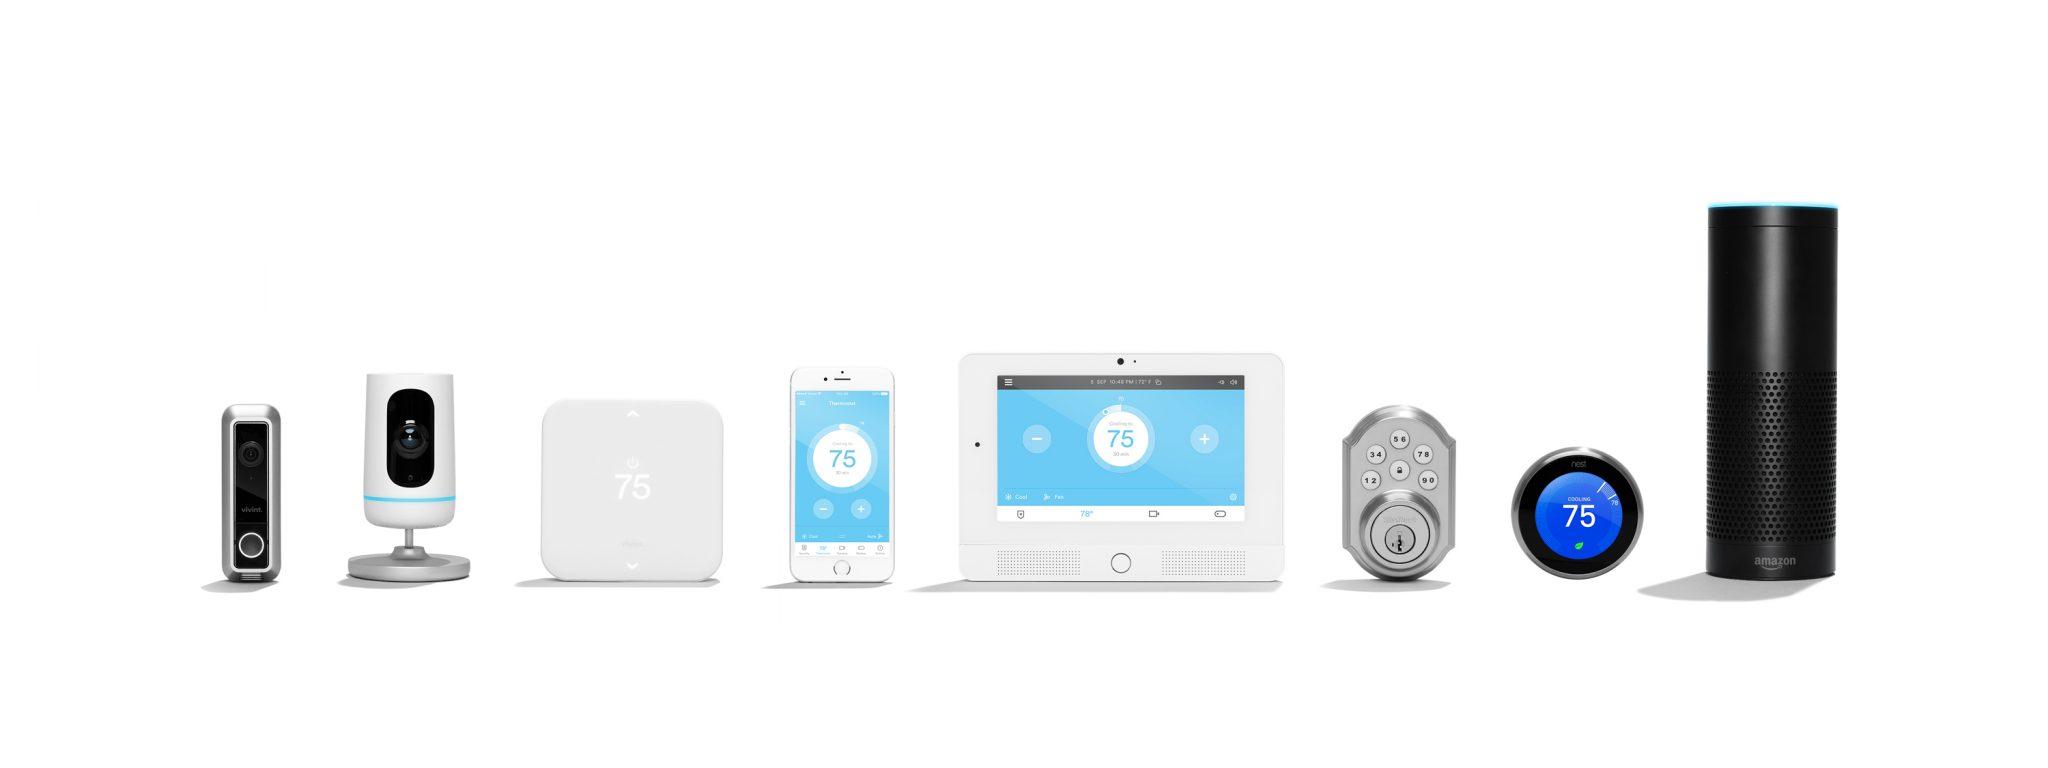 vivint - smart home gadgets